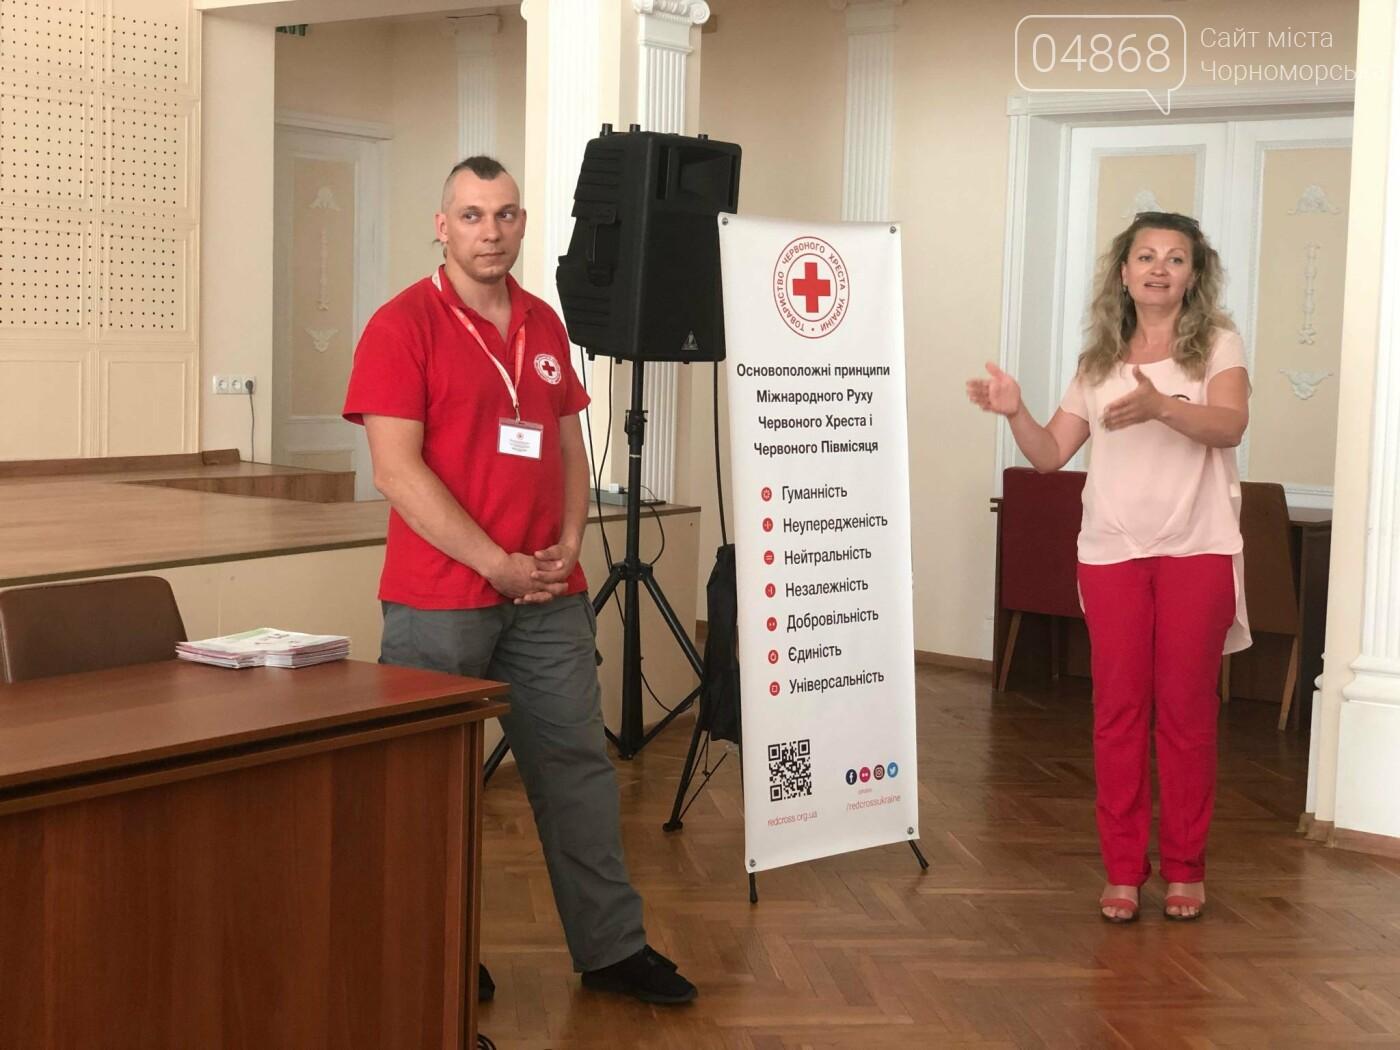 В Черноморске прошёл мастер-класс по оказанию первой помощи для детей, фото-1